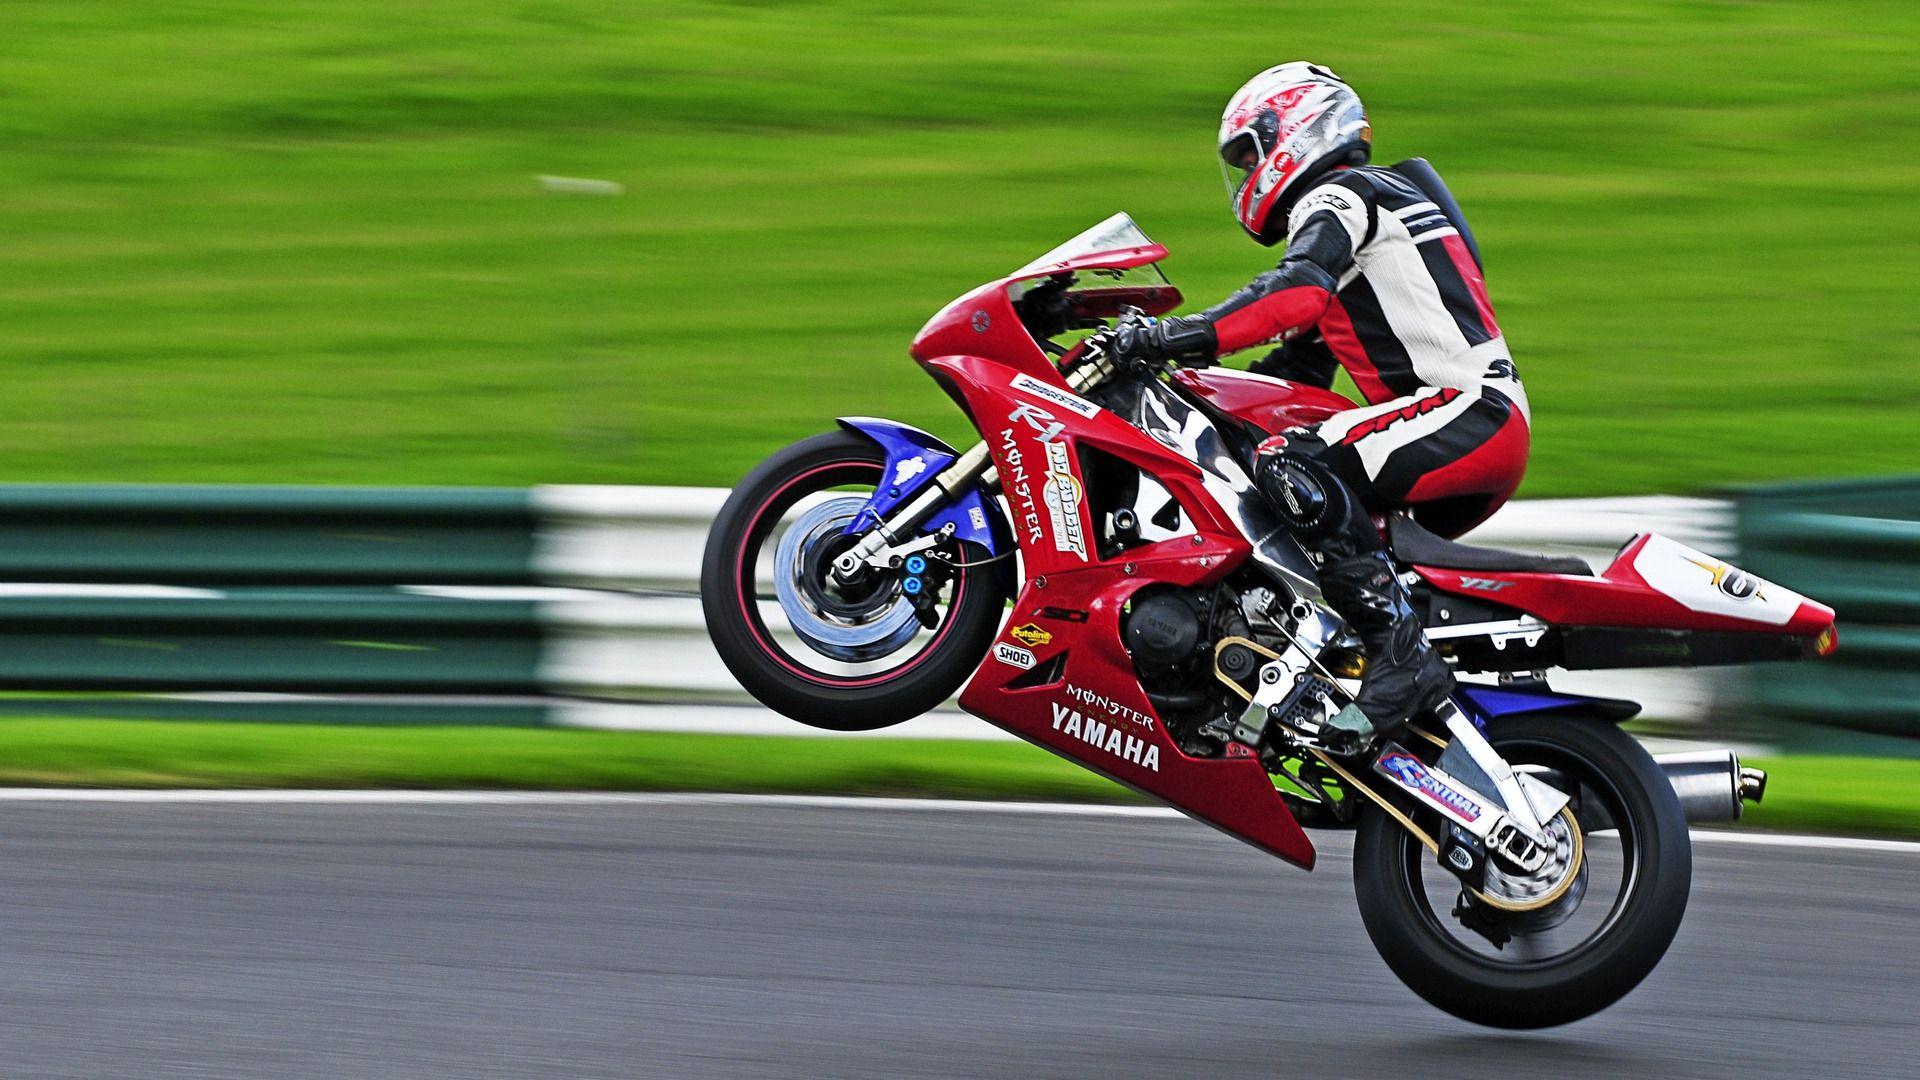 Red Yamaha Motorcycle Racing 1080p Hd Wallpaper Sports Yamaha